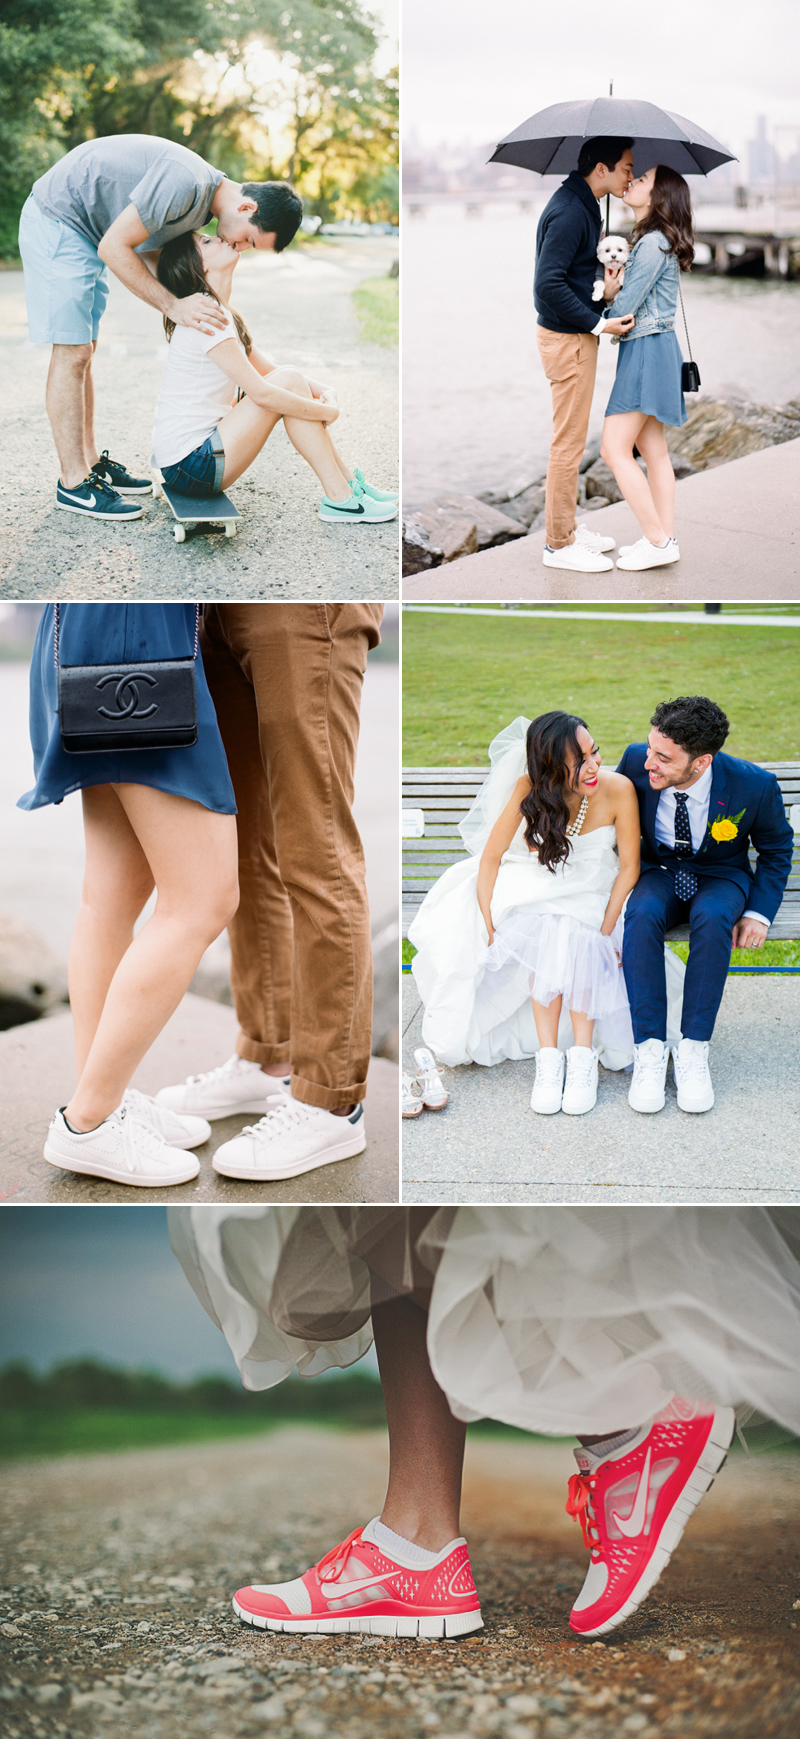 sneakers04-nike